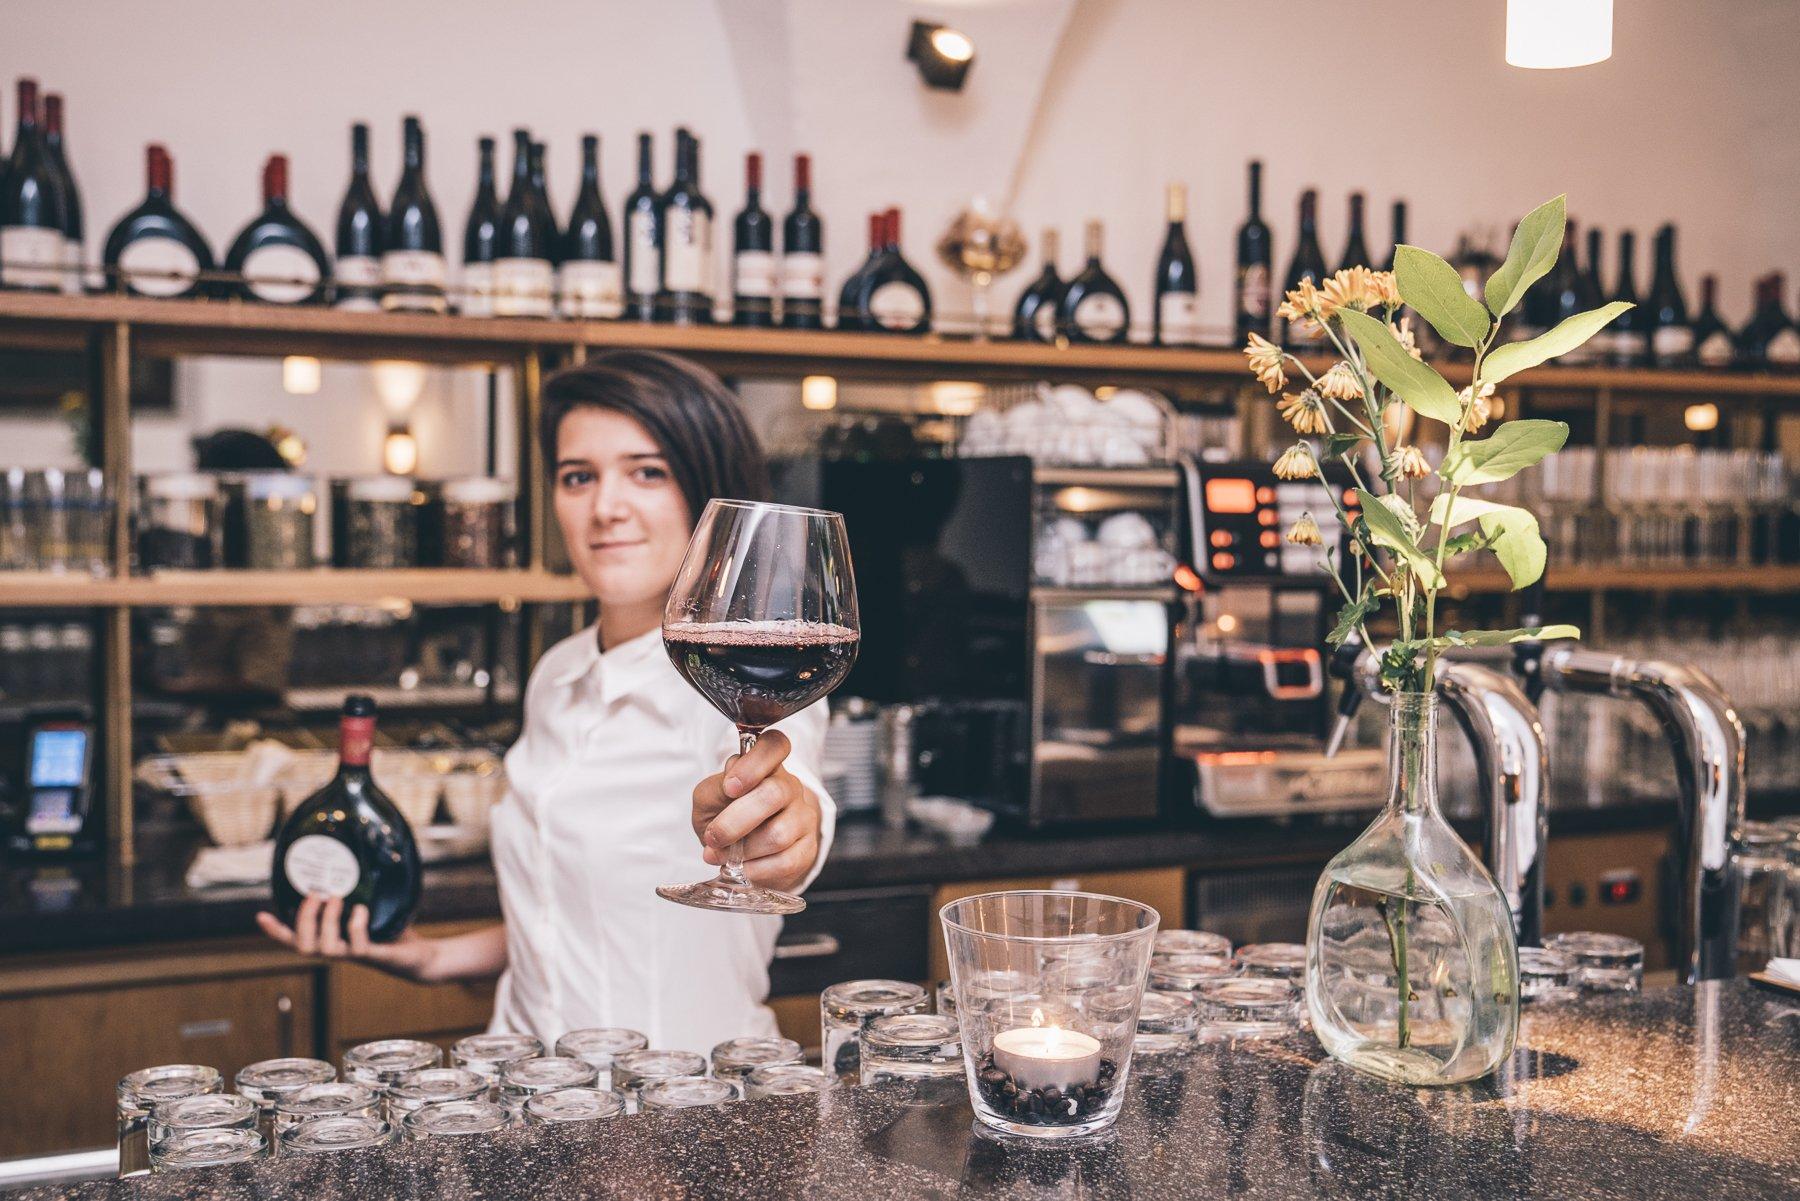 Geheimtippmuenchen Weinbar Lumpsteinundkuechenmeister7 – ©wunderland media GmbH